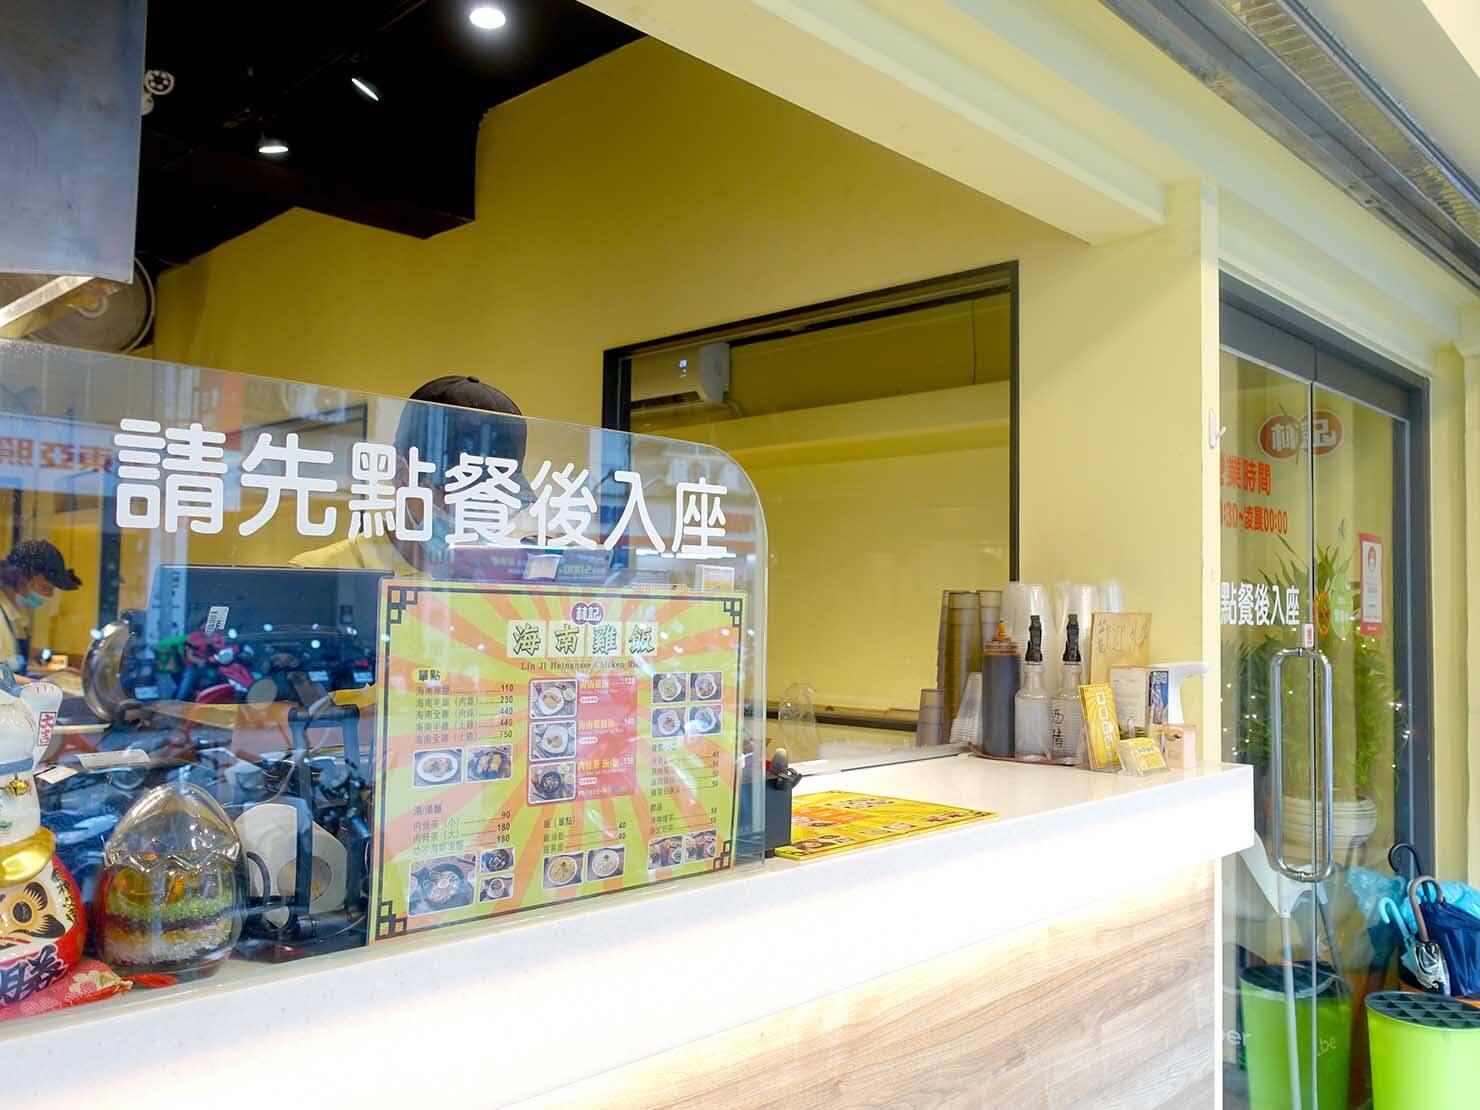 台北・遼寧街夜市のおすすめグルメ店「林記海南雞飯」のカウンター